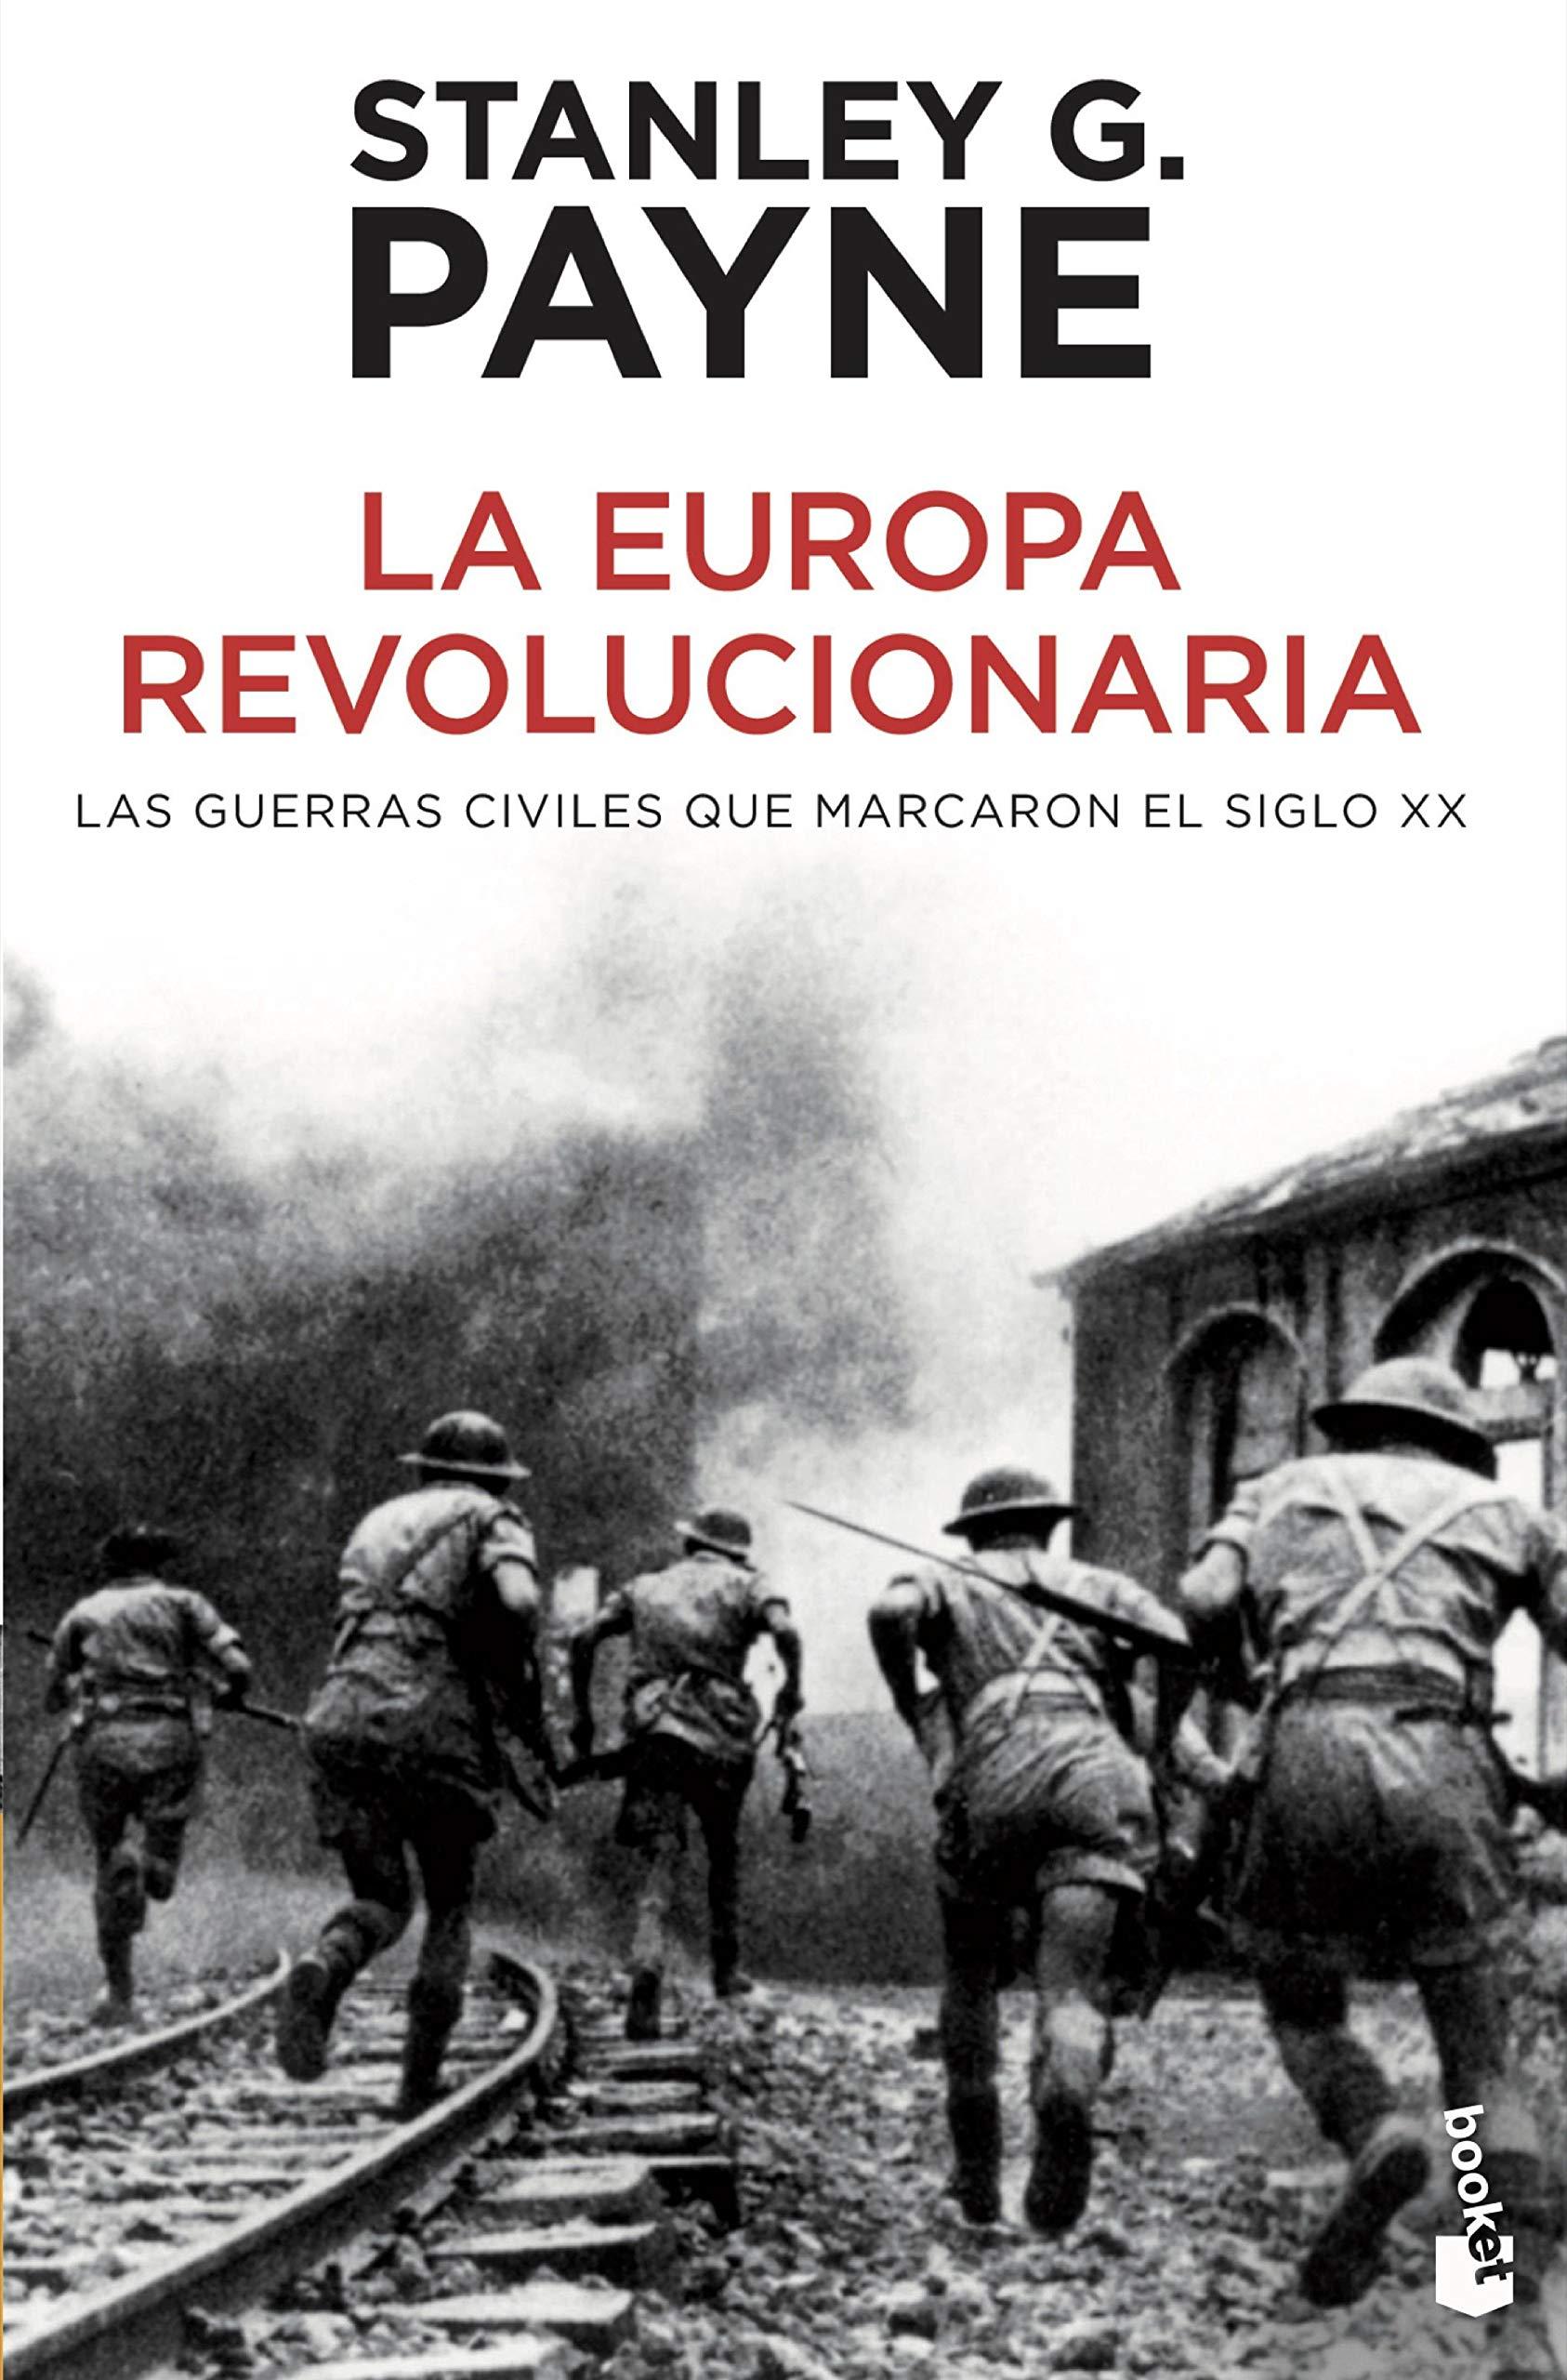 La Europa revolucionaria: Las guerras civiles que marcaron el siglo XX Divulgación: Amazon.es: Payne, Stanley G., Cuéllar, Jesús: Libros